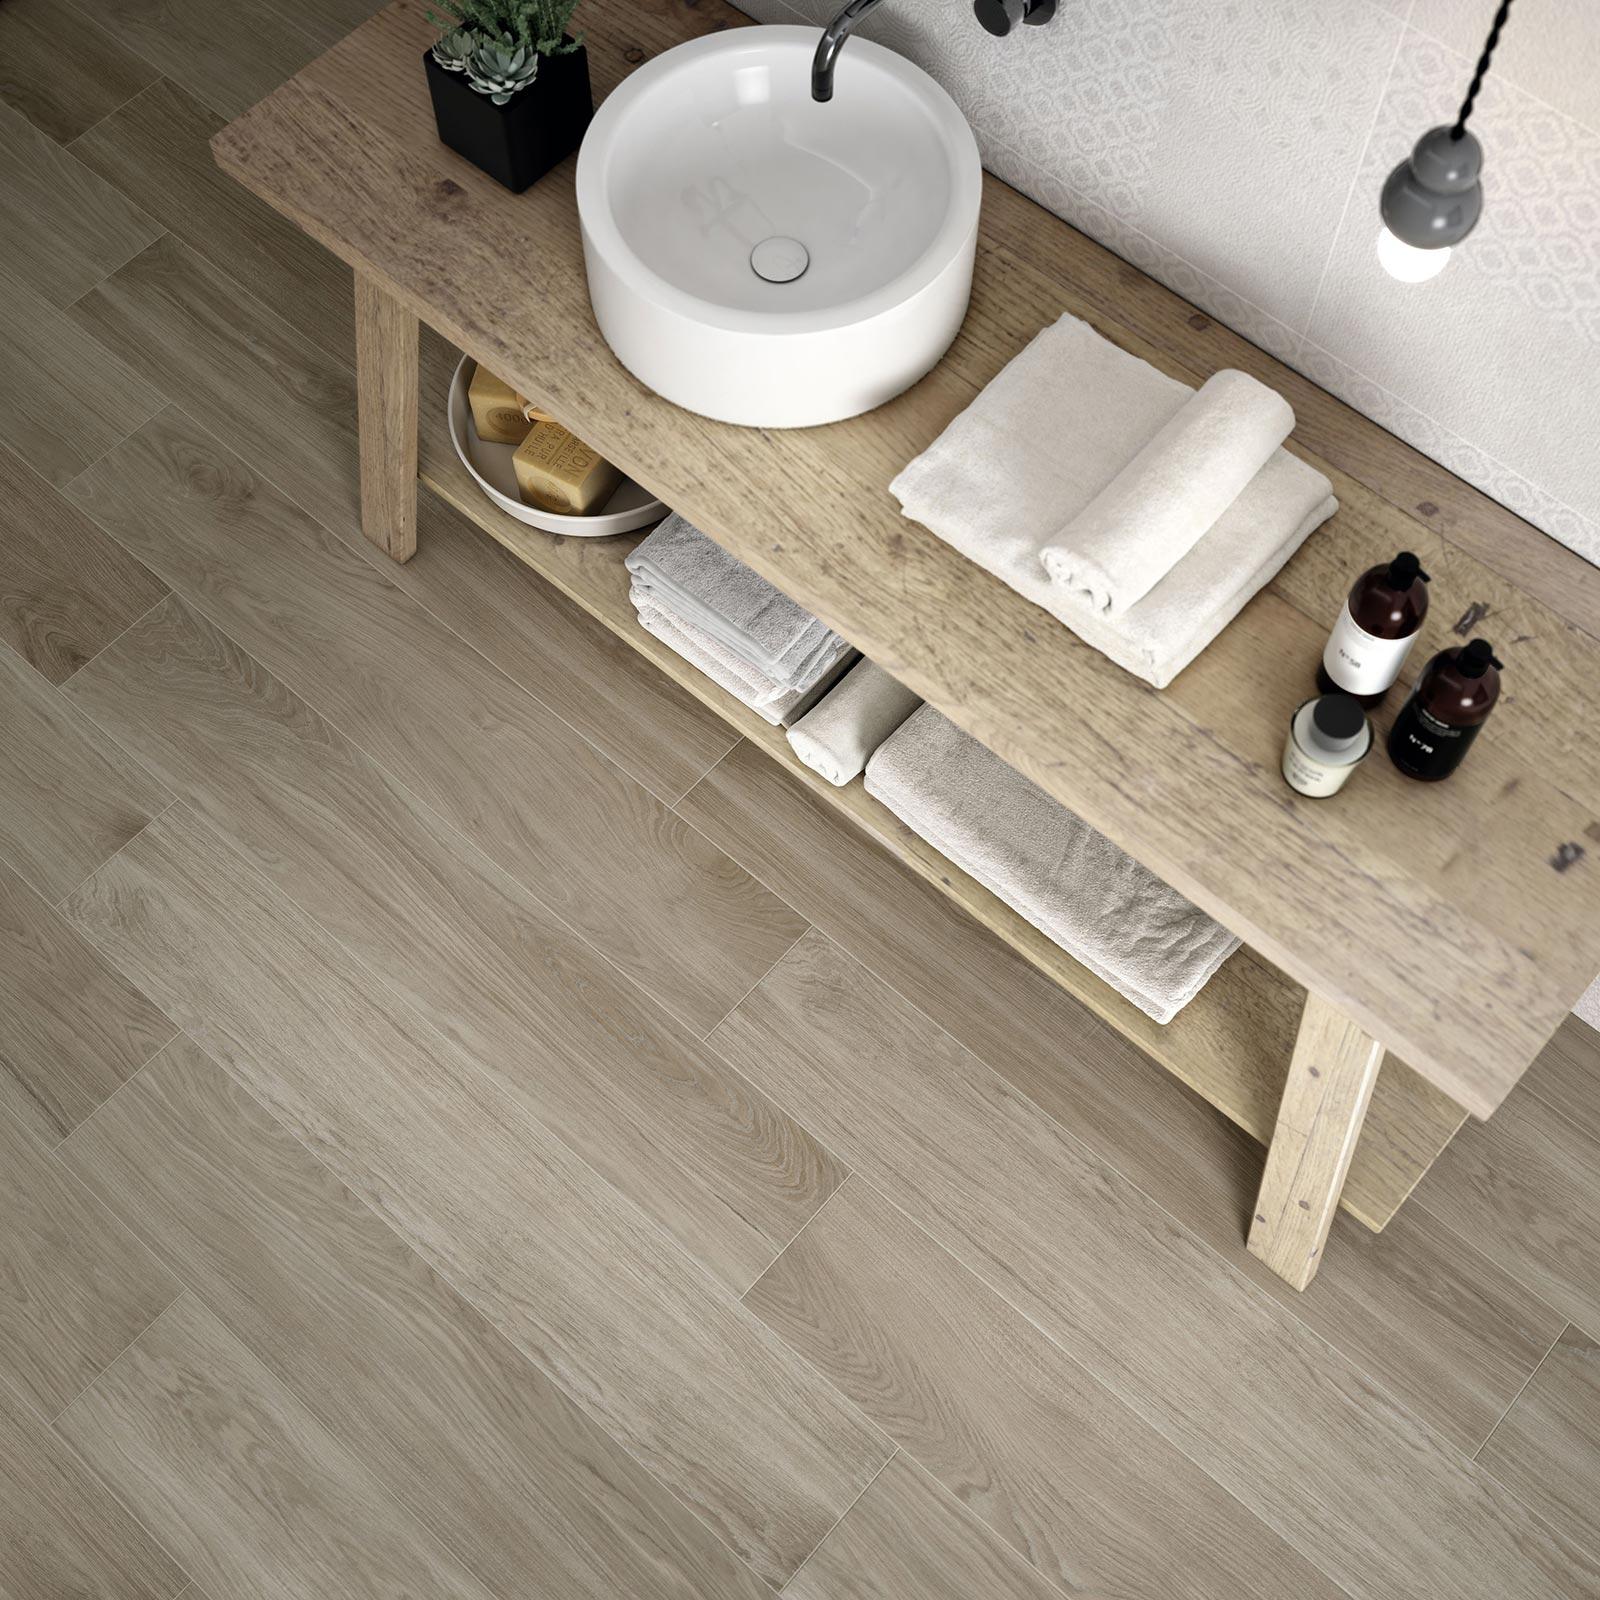 Gres porcellanato effetto legno e parquet marazzi - Gres porcellanato effetto legno bagno ...